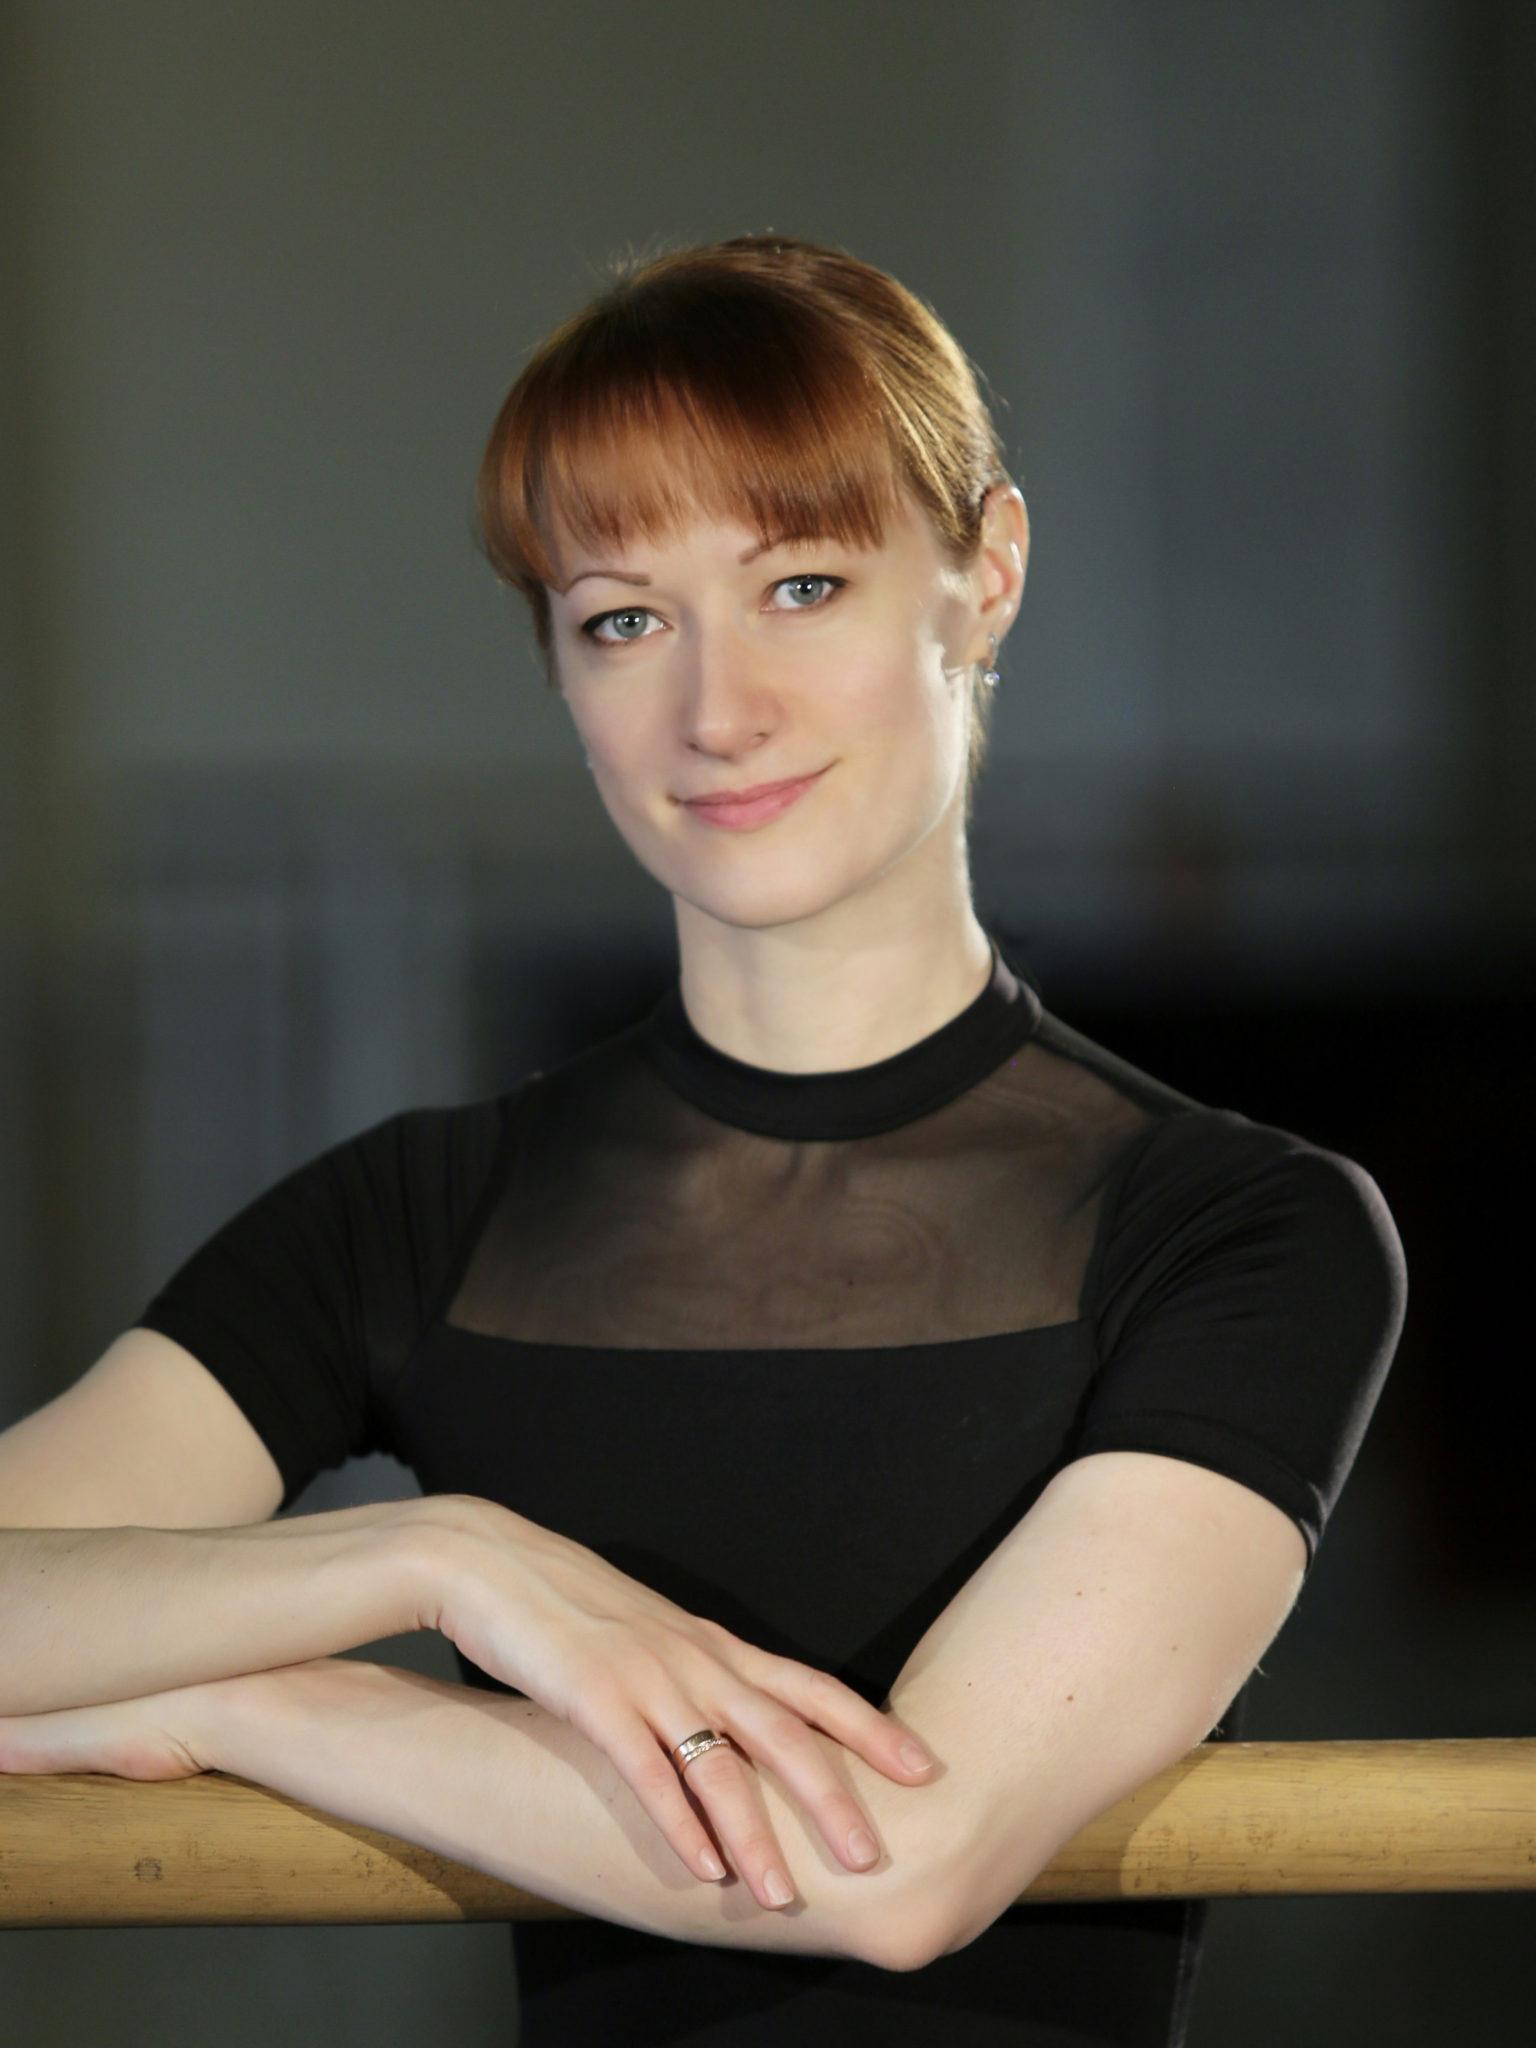 Соловей Елена Владимировна - ведущая солистка